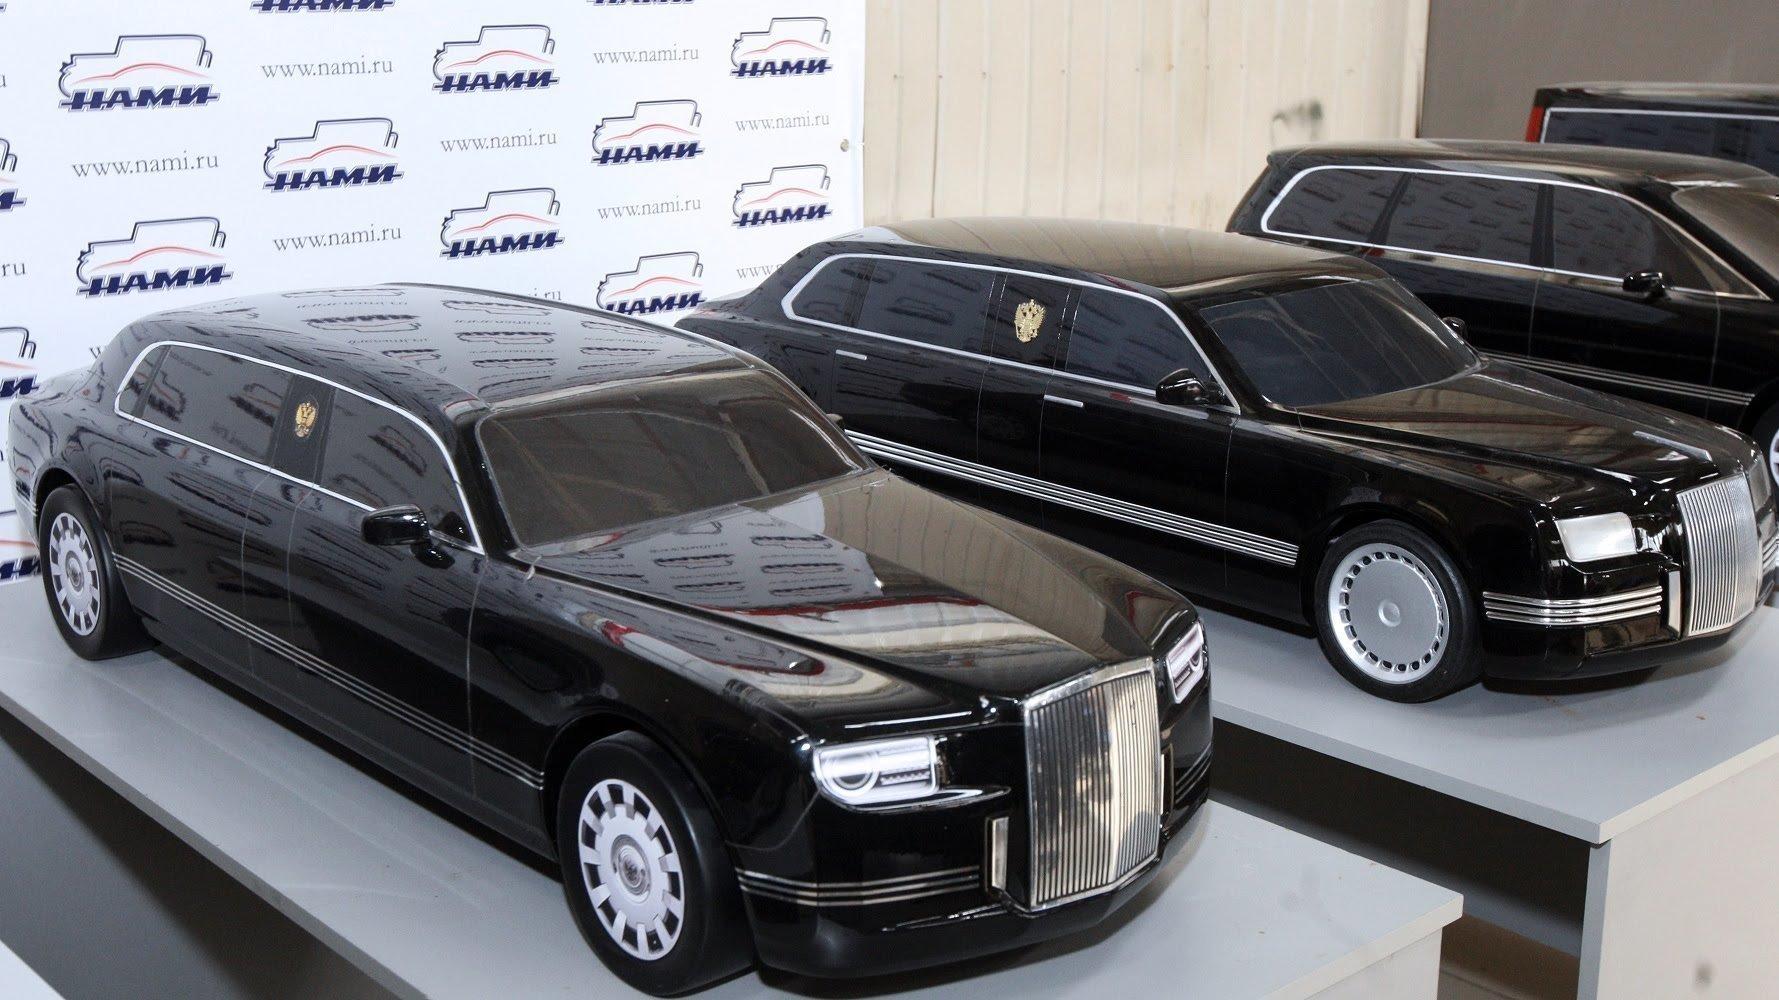 Российская Федерация предложила индийским организациям делать автомобили наплатформе «Кортеж»